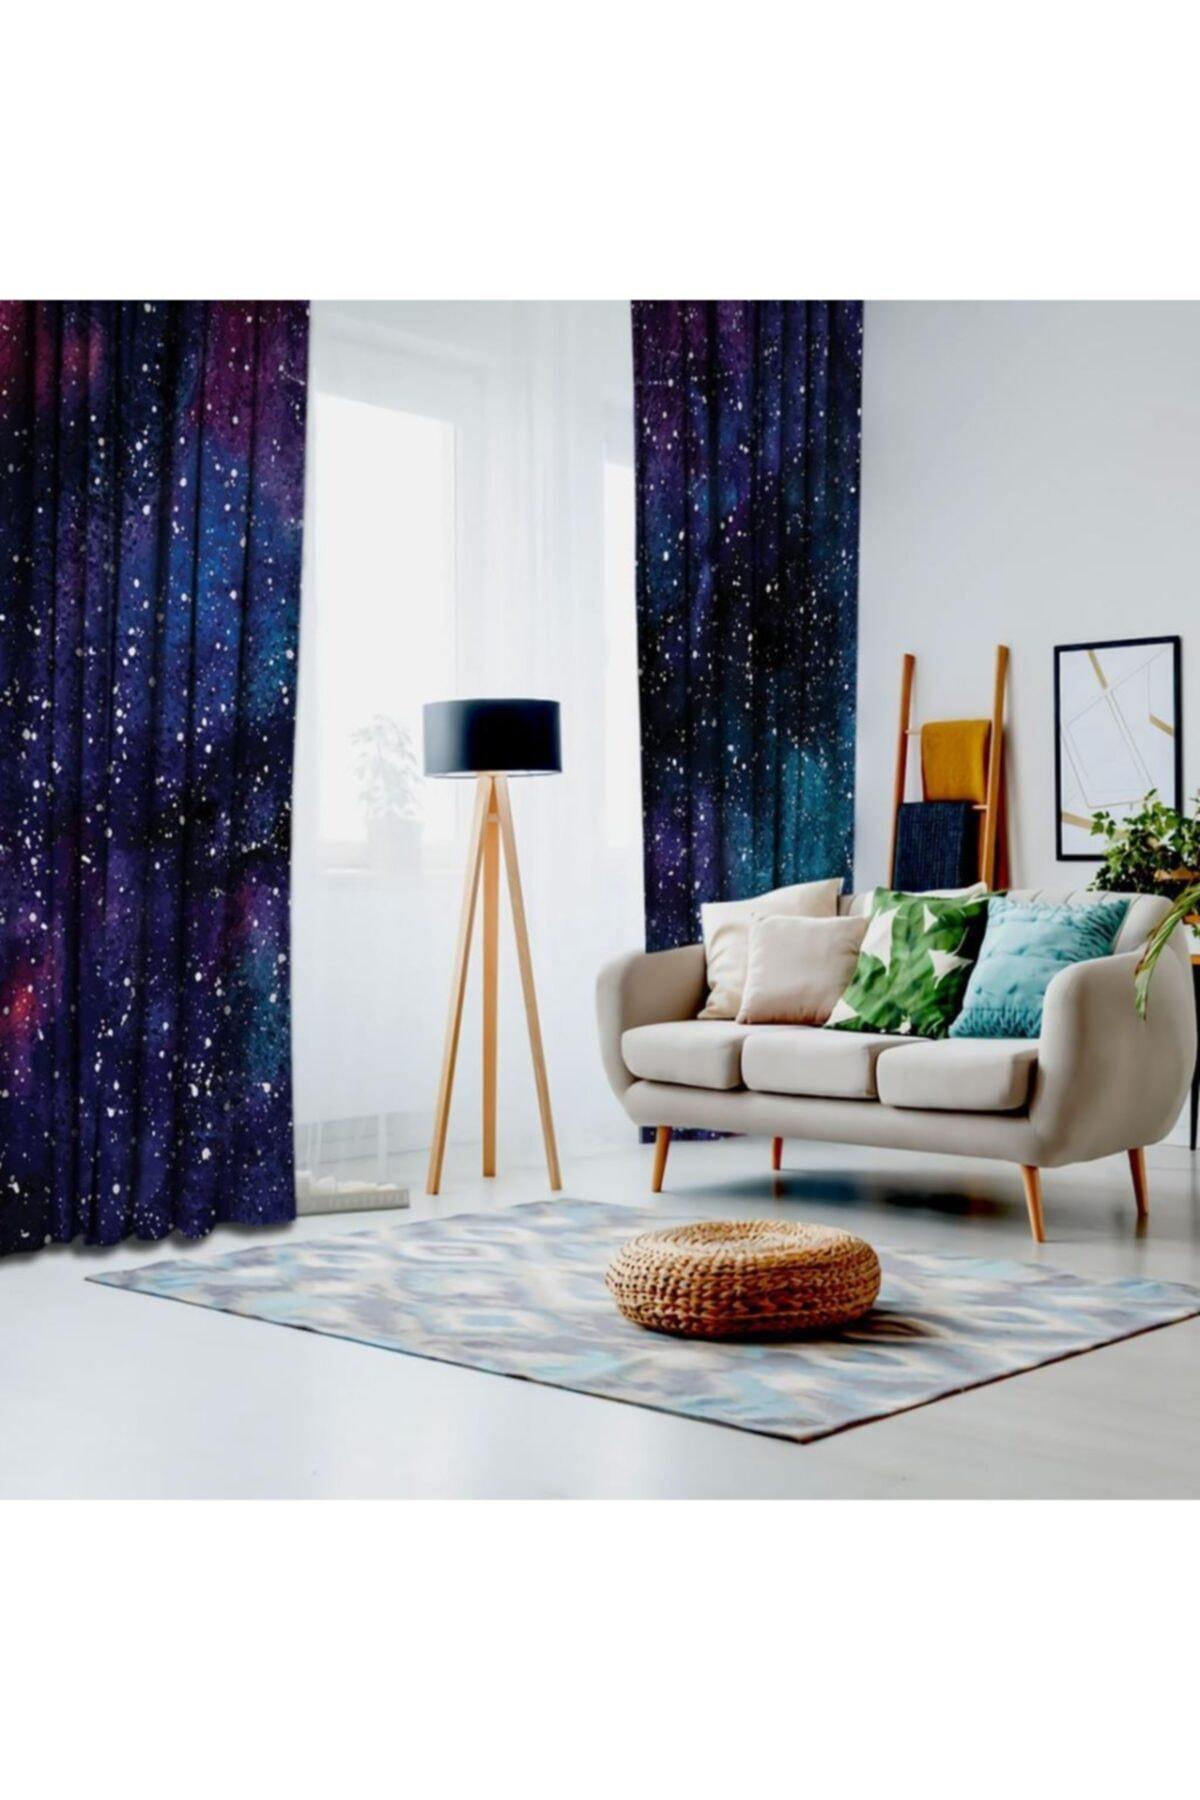 Henge Home Galaksi Yıldızlı Gökyüzü Desen Lacivert Mor Fon Perde 2